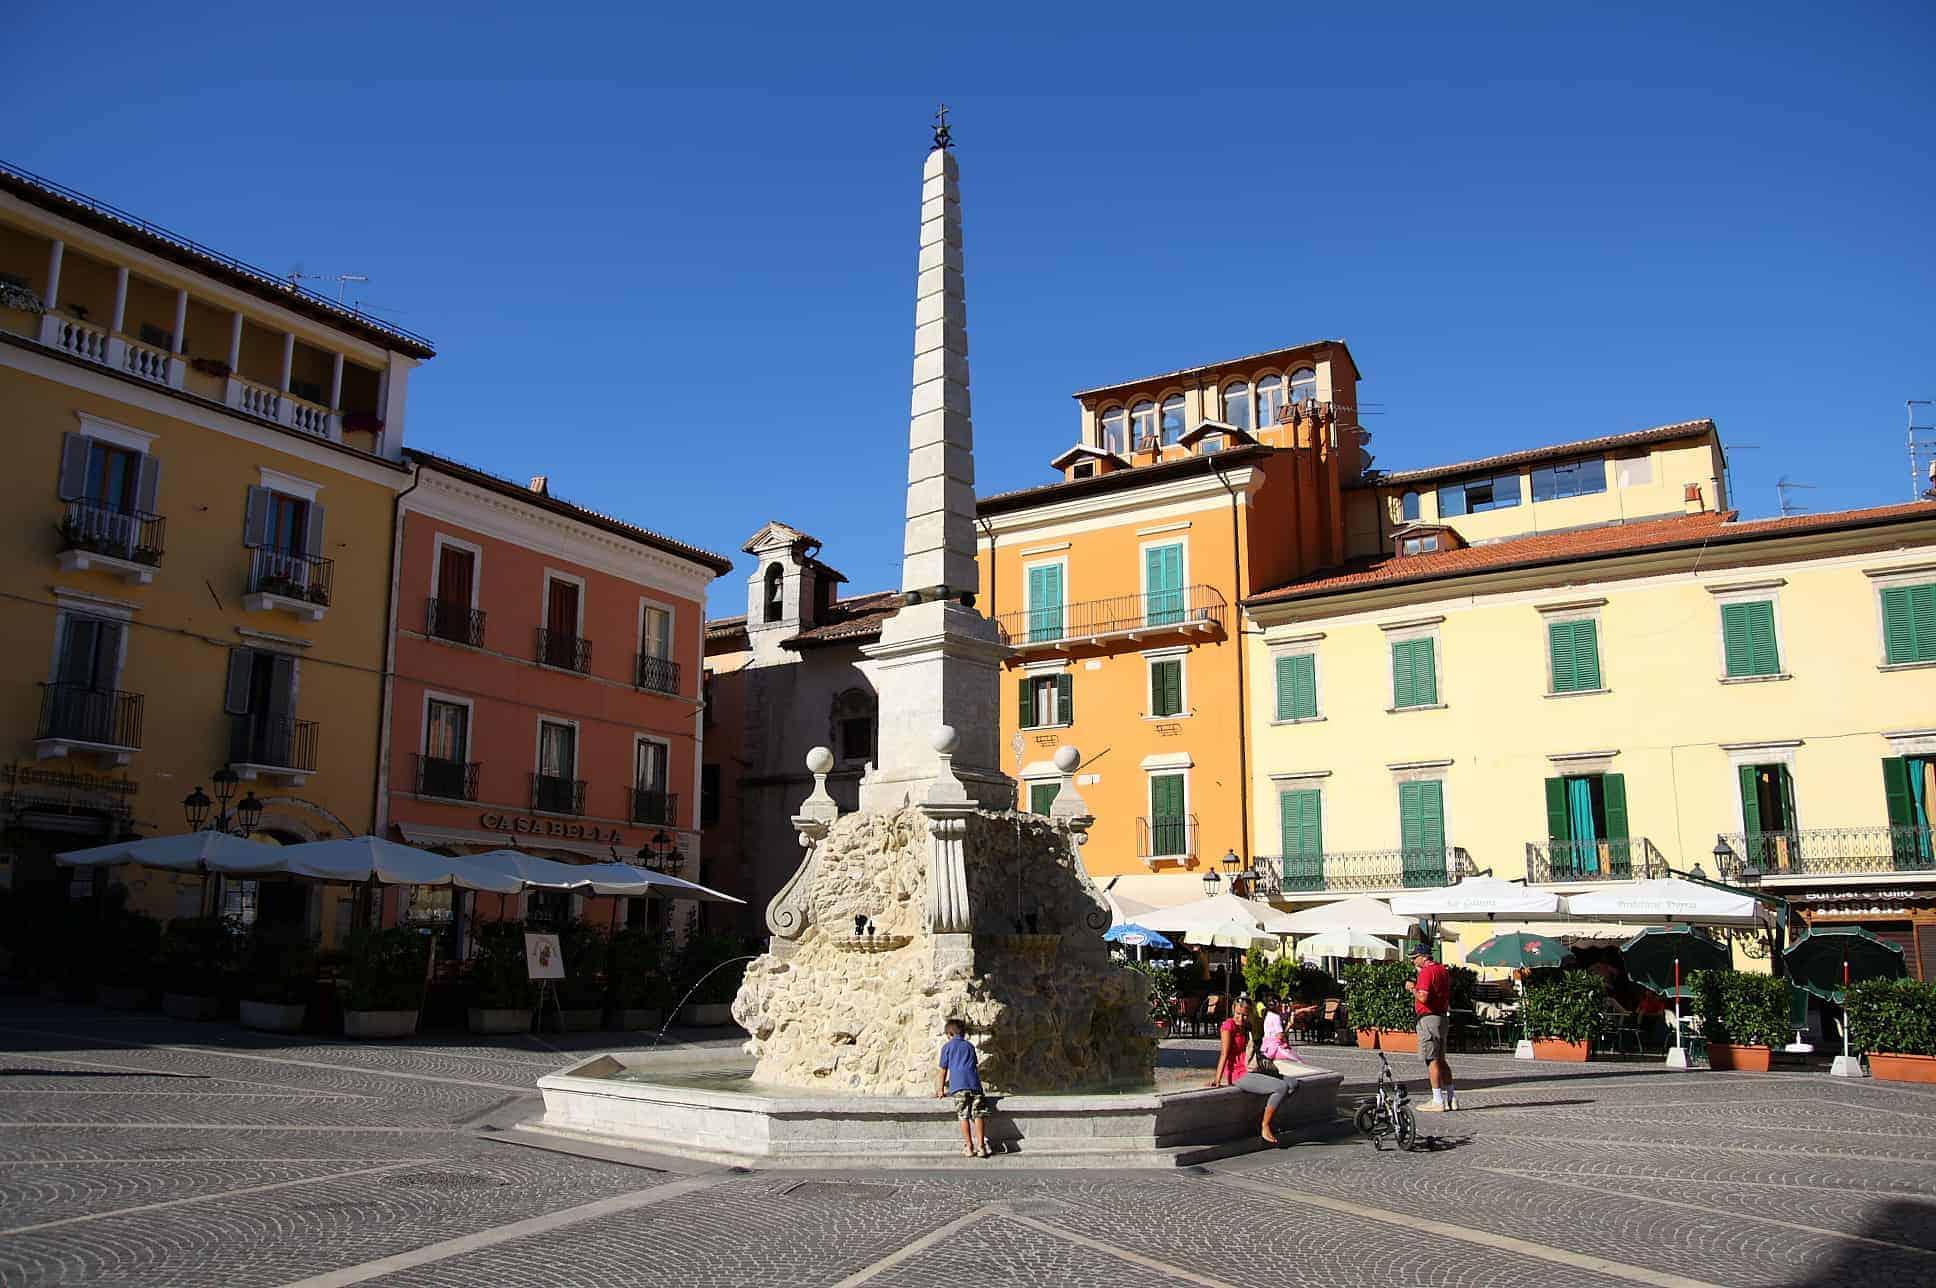 Tagliacozzo: Piazza dell'obelisco